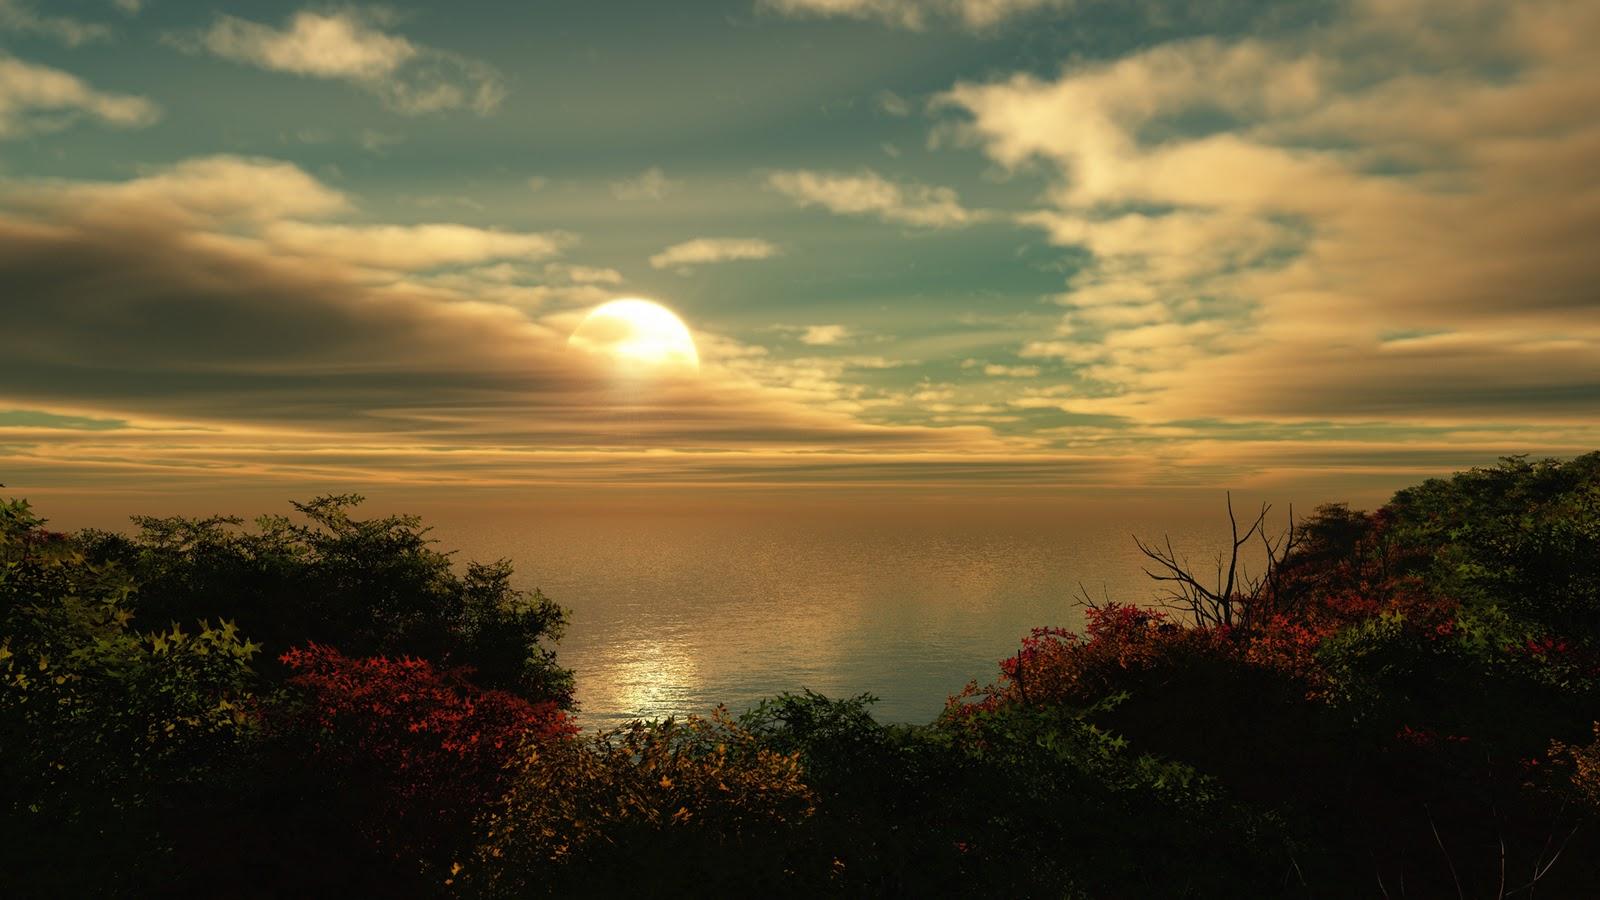 44 tane 1080p HD Manzara resimleri - 1080p HD Nature ...